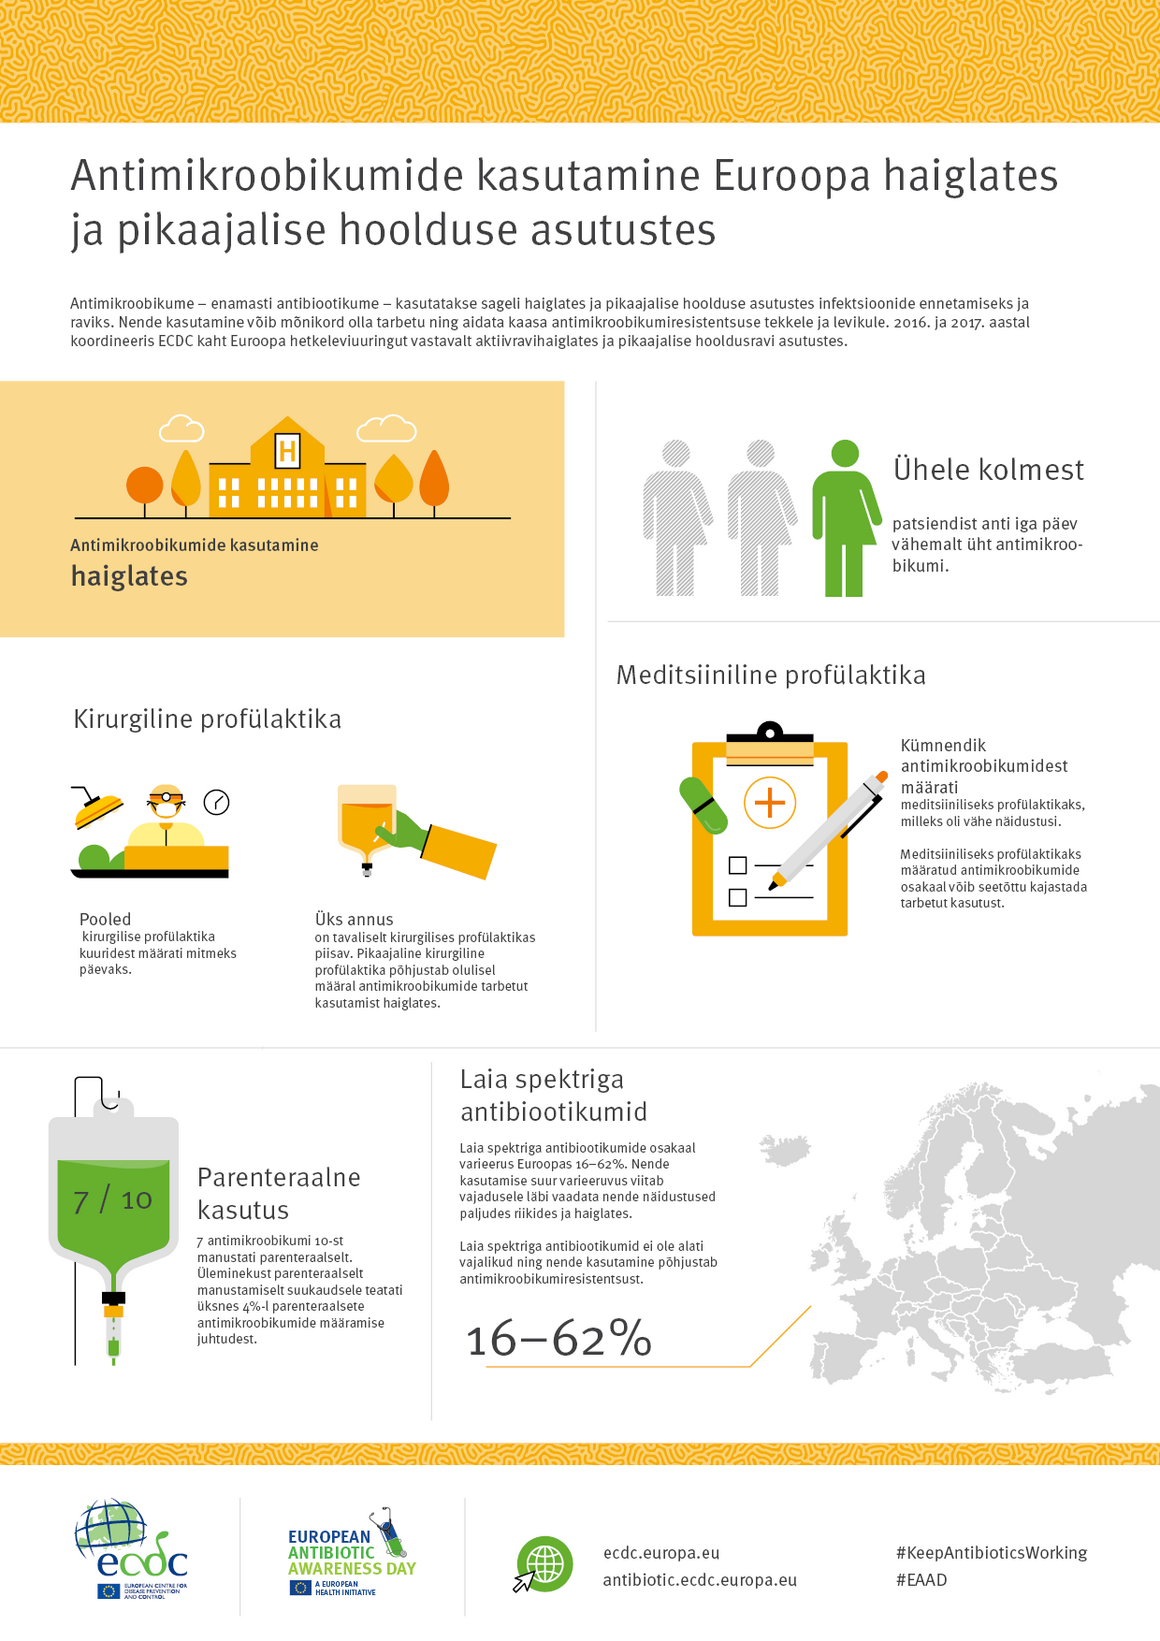 Antimikroobikumide kasutamine Euroopa haiglates ja pikaajalise hoolduse asutustes